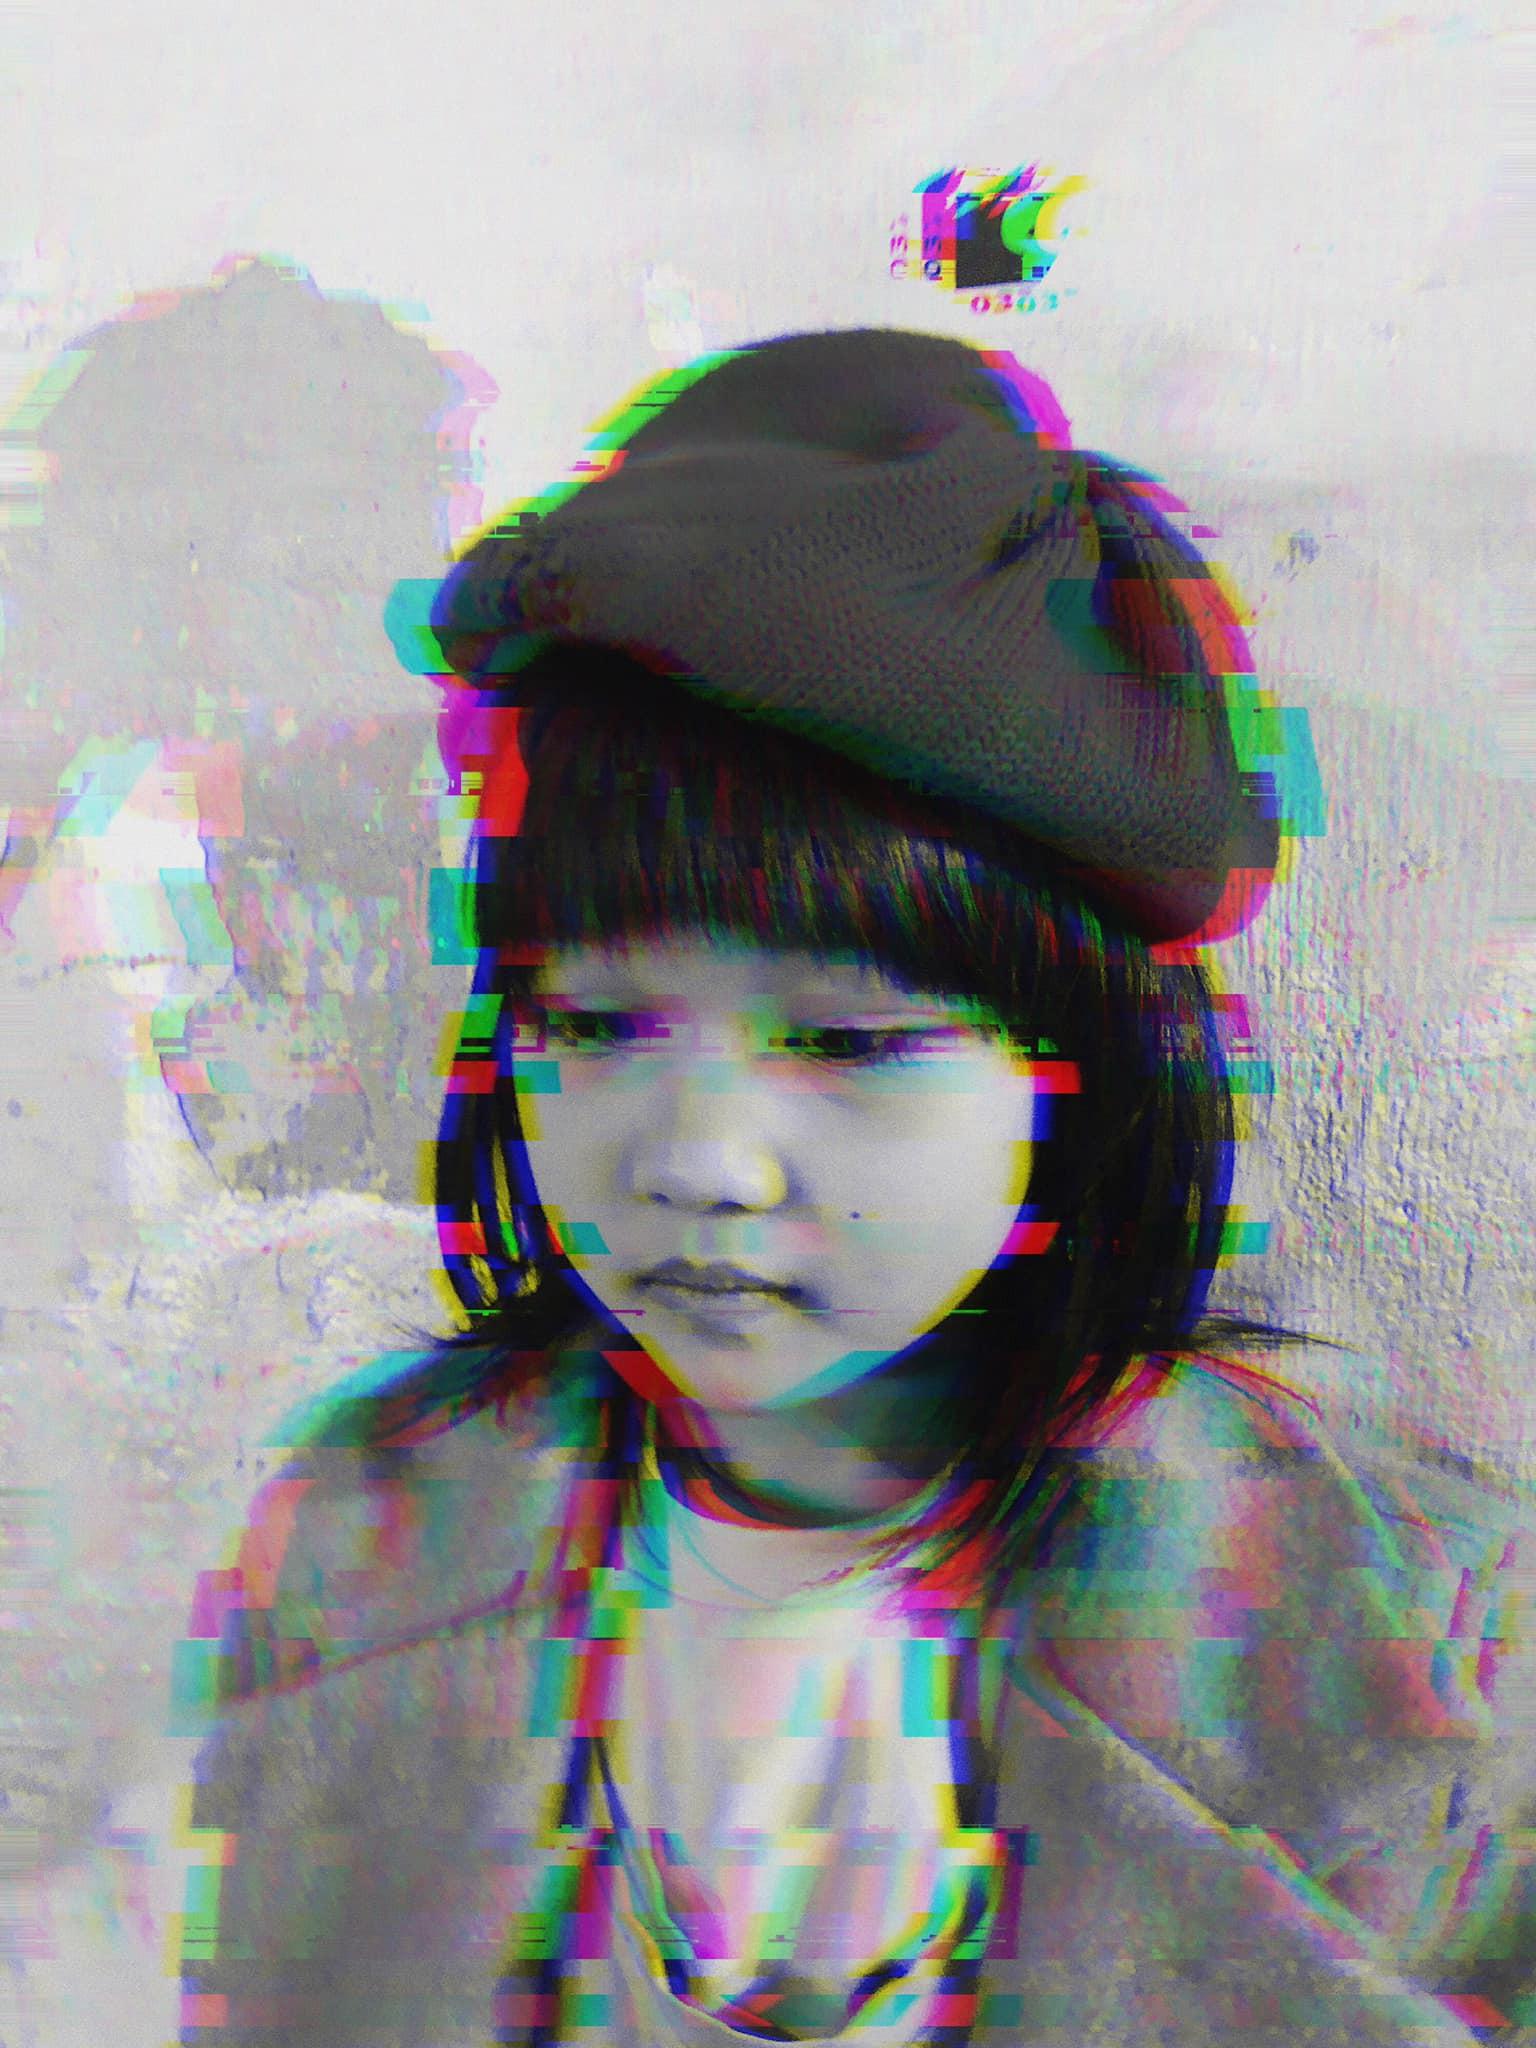 Cô bé vô gia cư 6 tuổi ở Hà Nội gây chú ý với thần thái cùng cách phối quần áo cũ cực chất-5